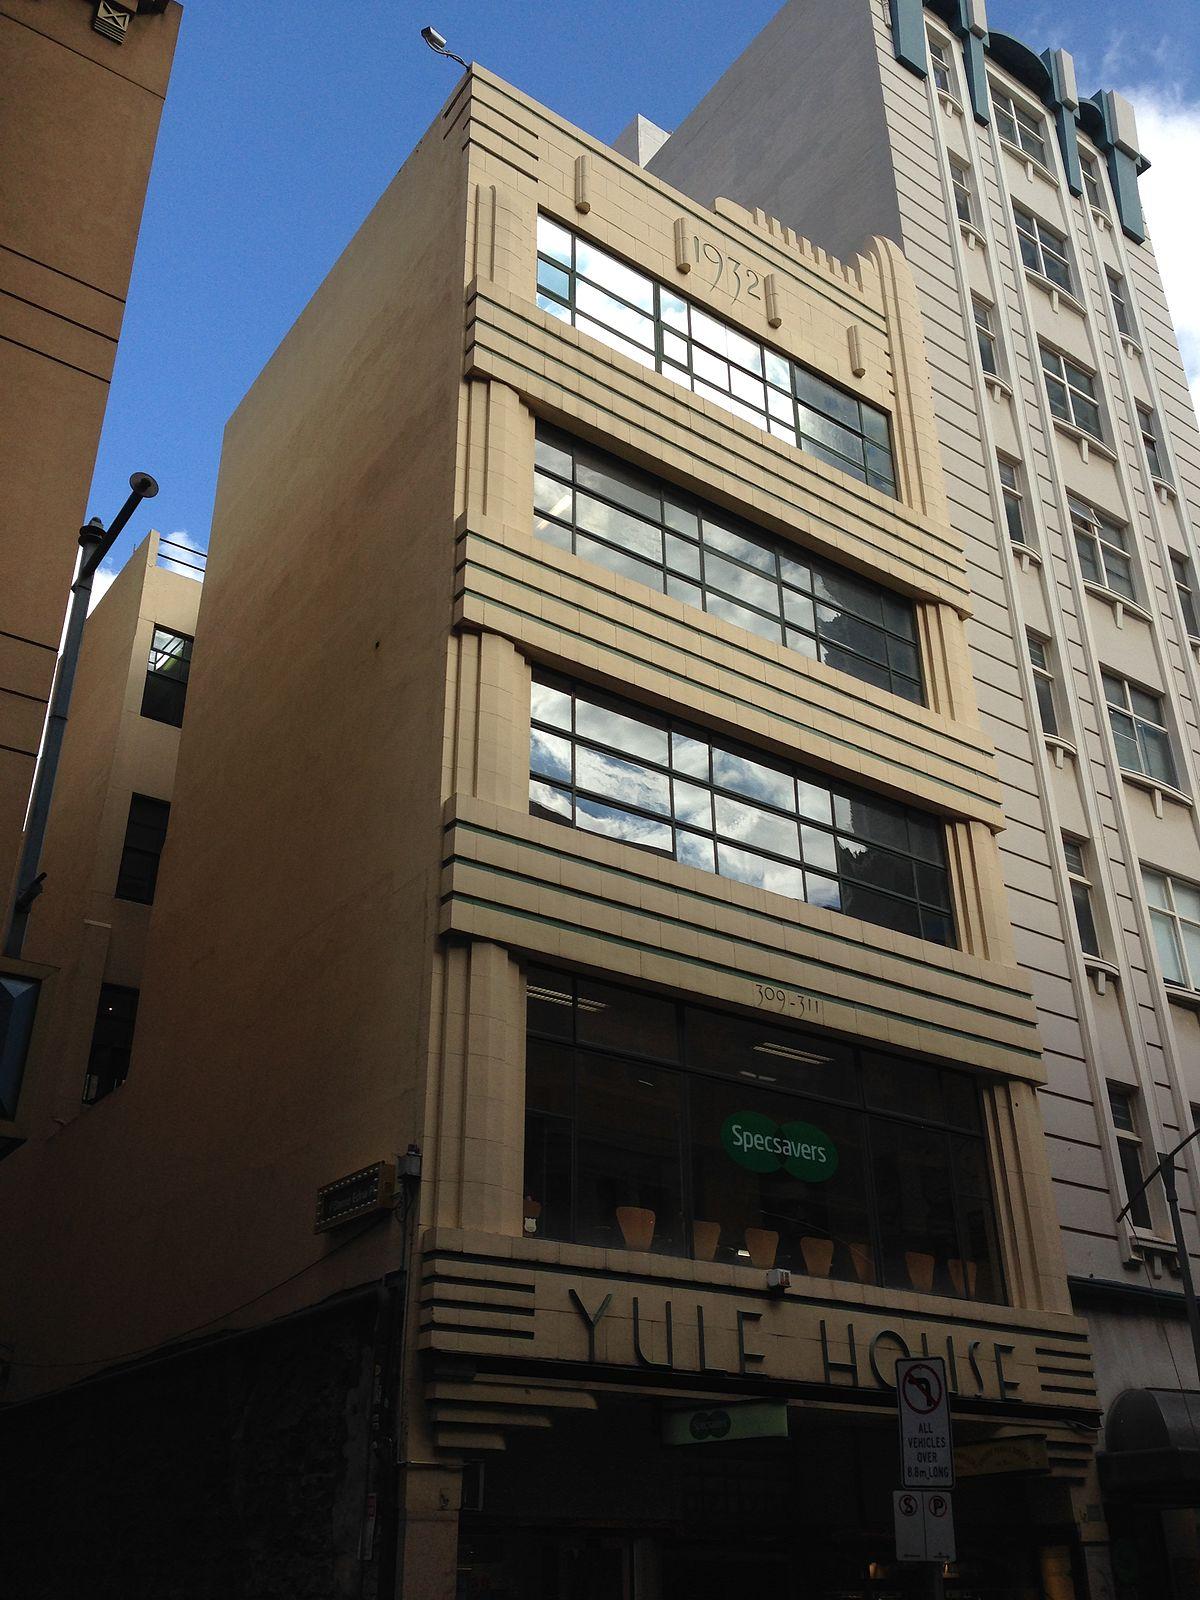 Yule House  Wikipedia